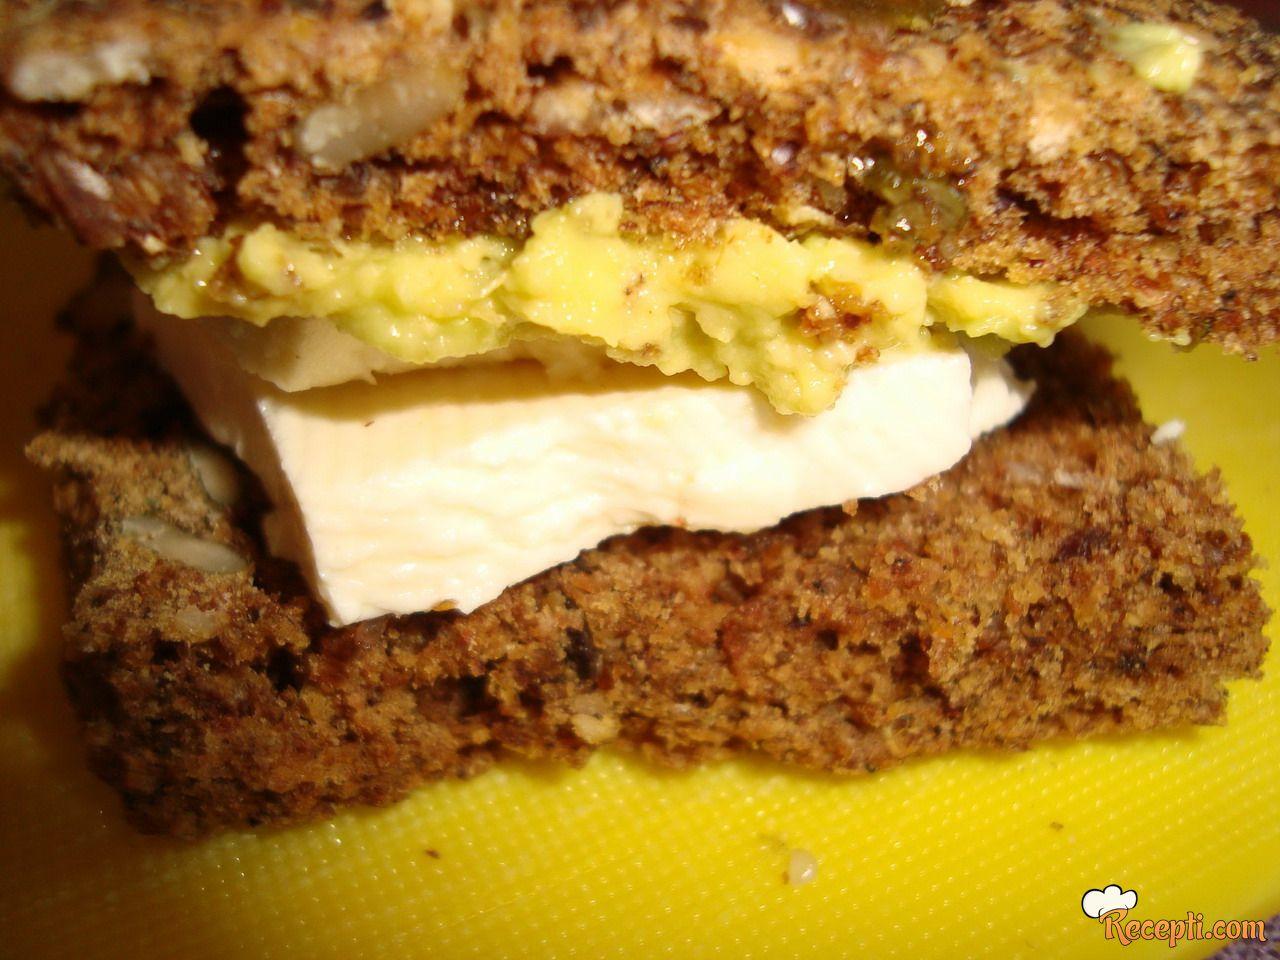 Hrono sendvič sa avokadom i kozjim sirom